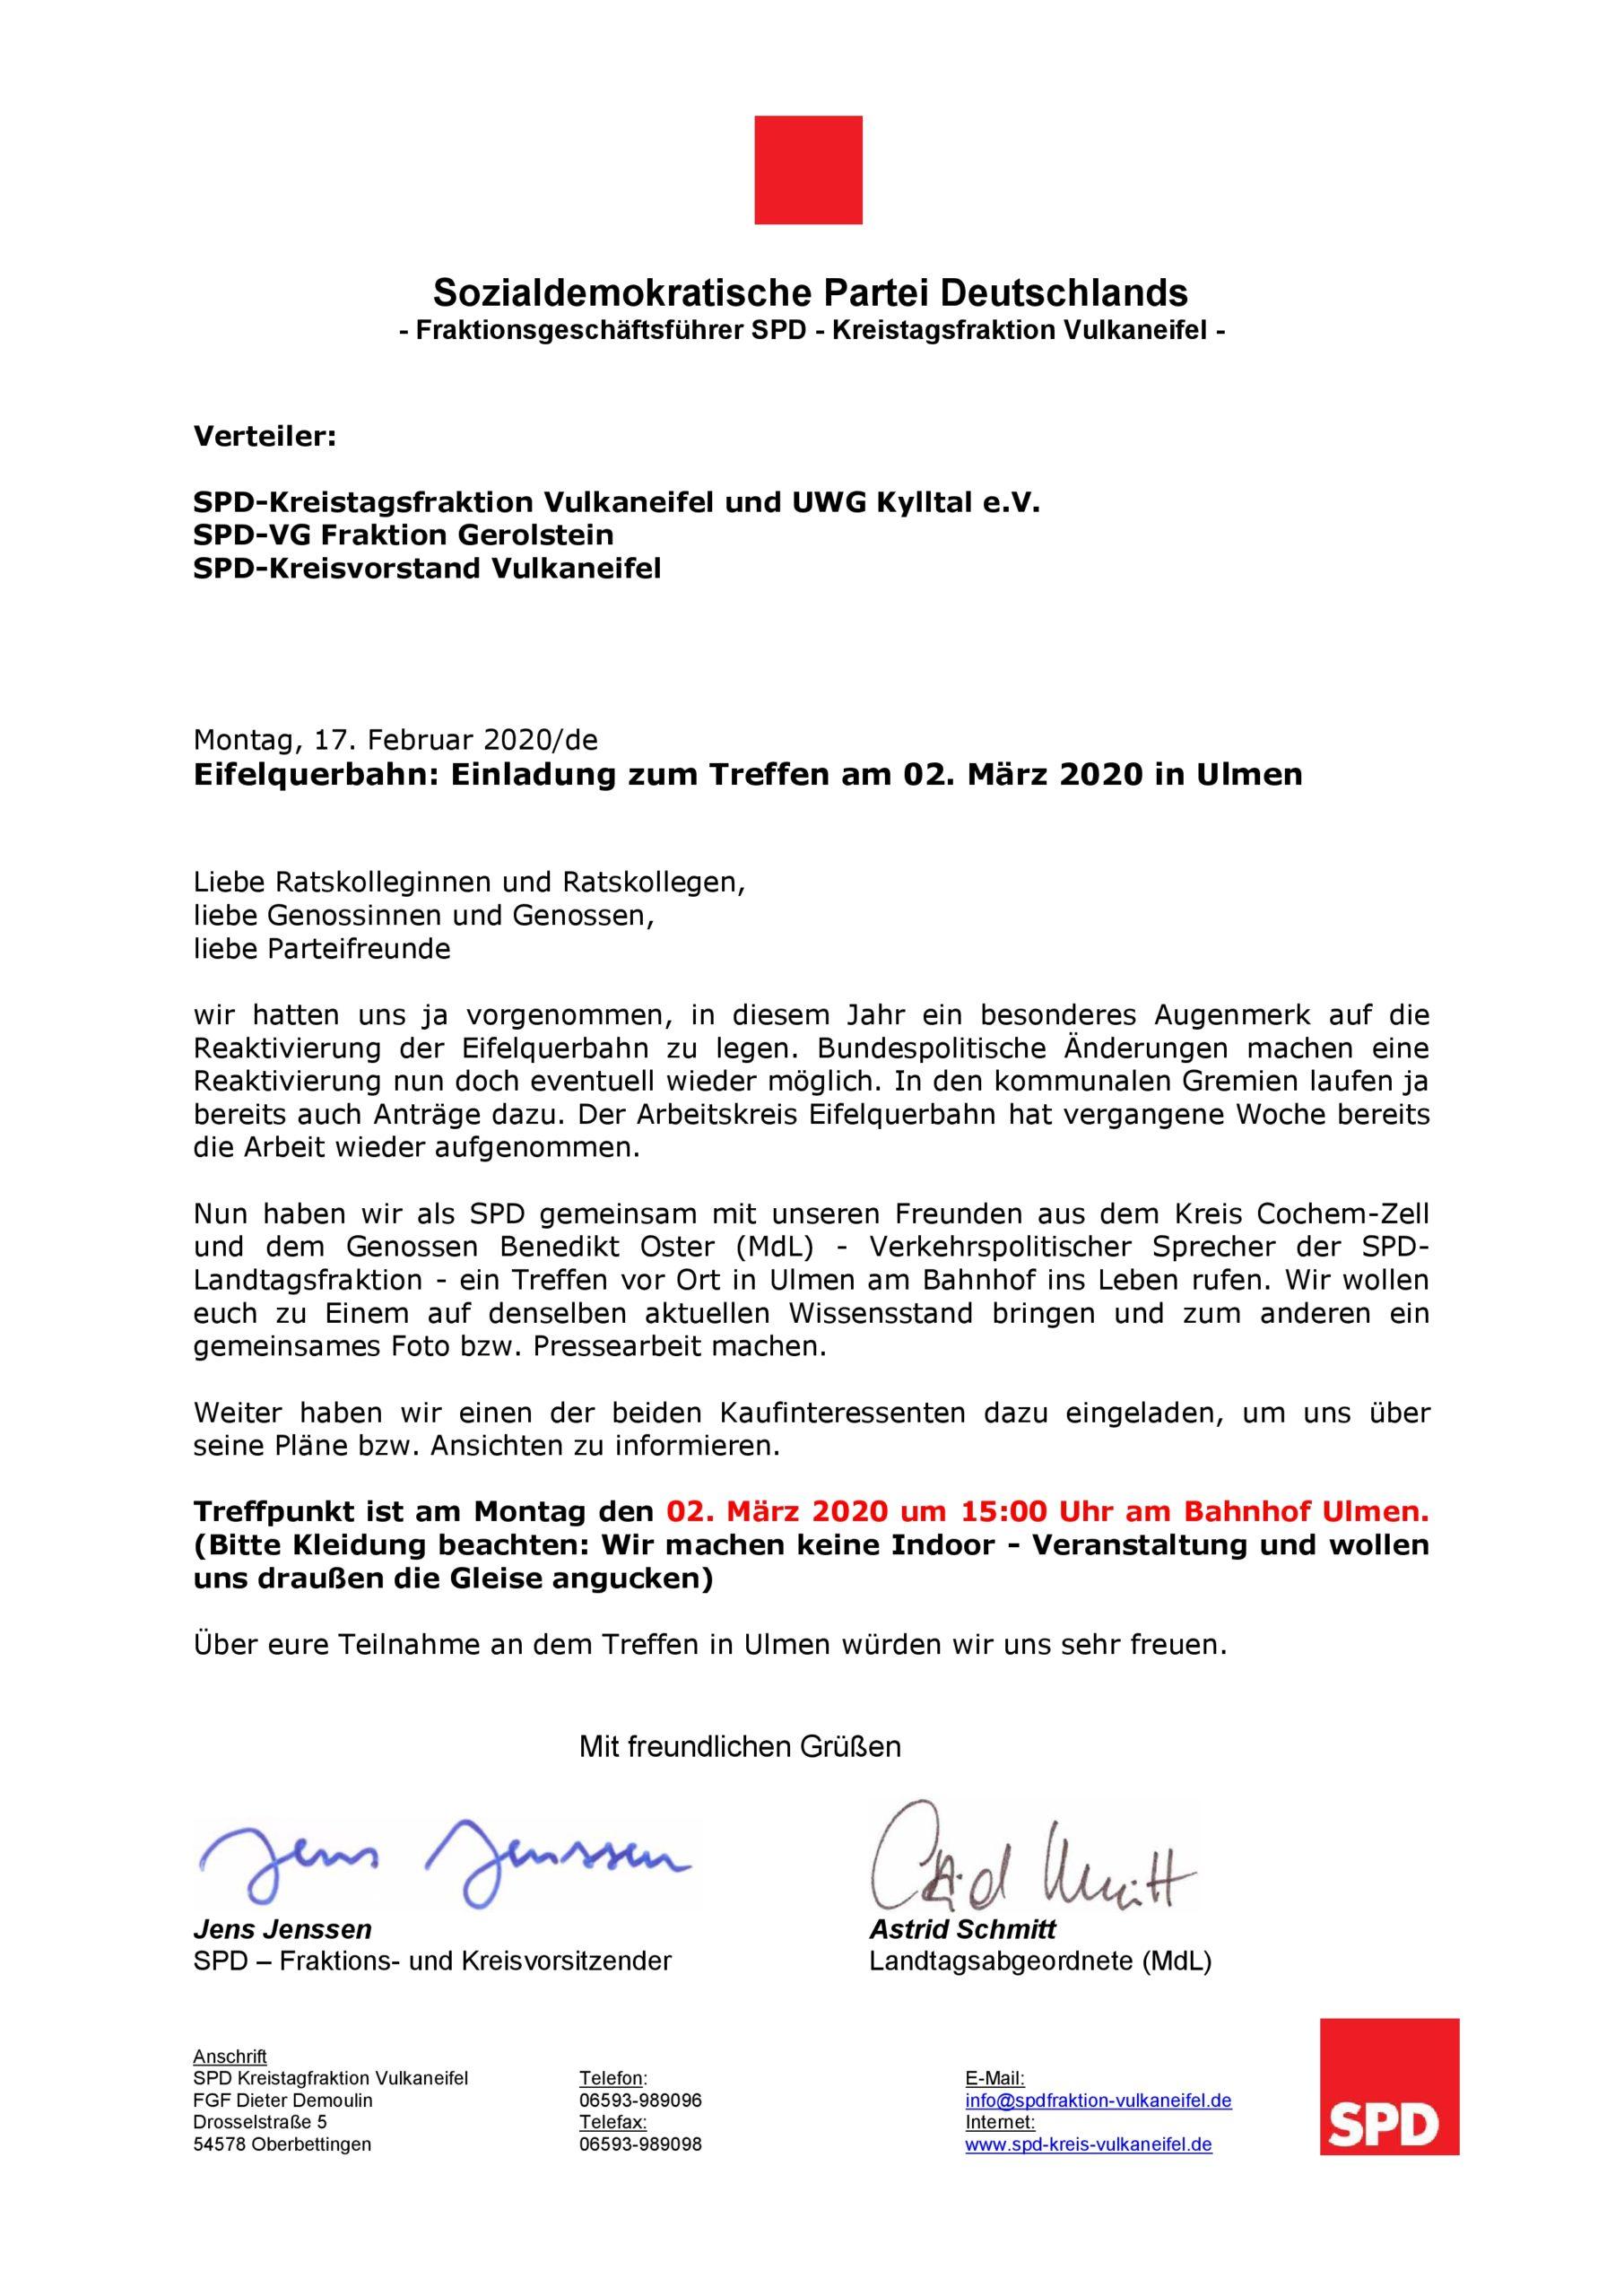 Reaktivierung der Eifelquerbahn - Treffen in Ulmen @ Bahnhof in 56766 Ulmen